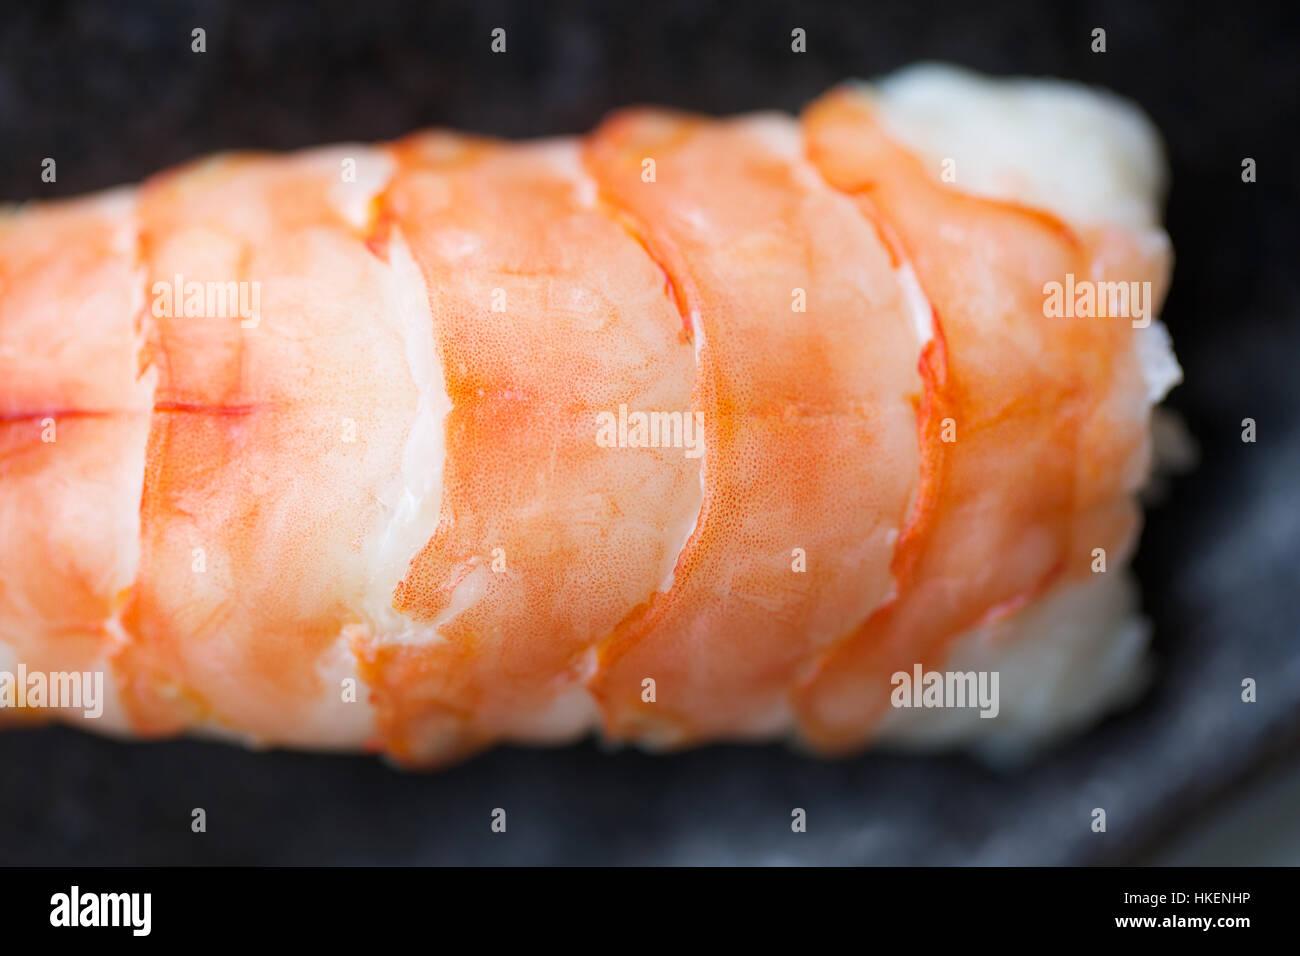 Sushi Rice Food Raw Fish Healthy Eating Shrimp Ebi Nigiri